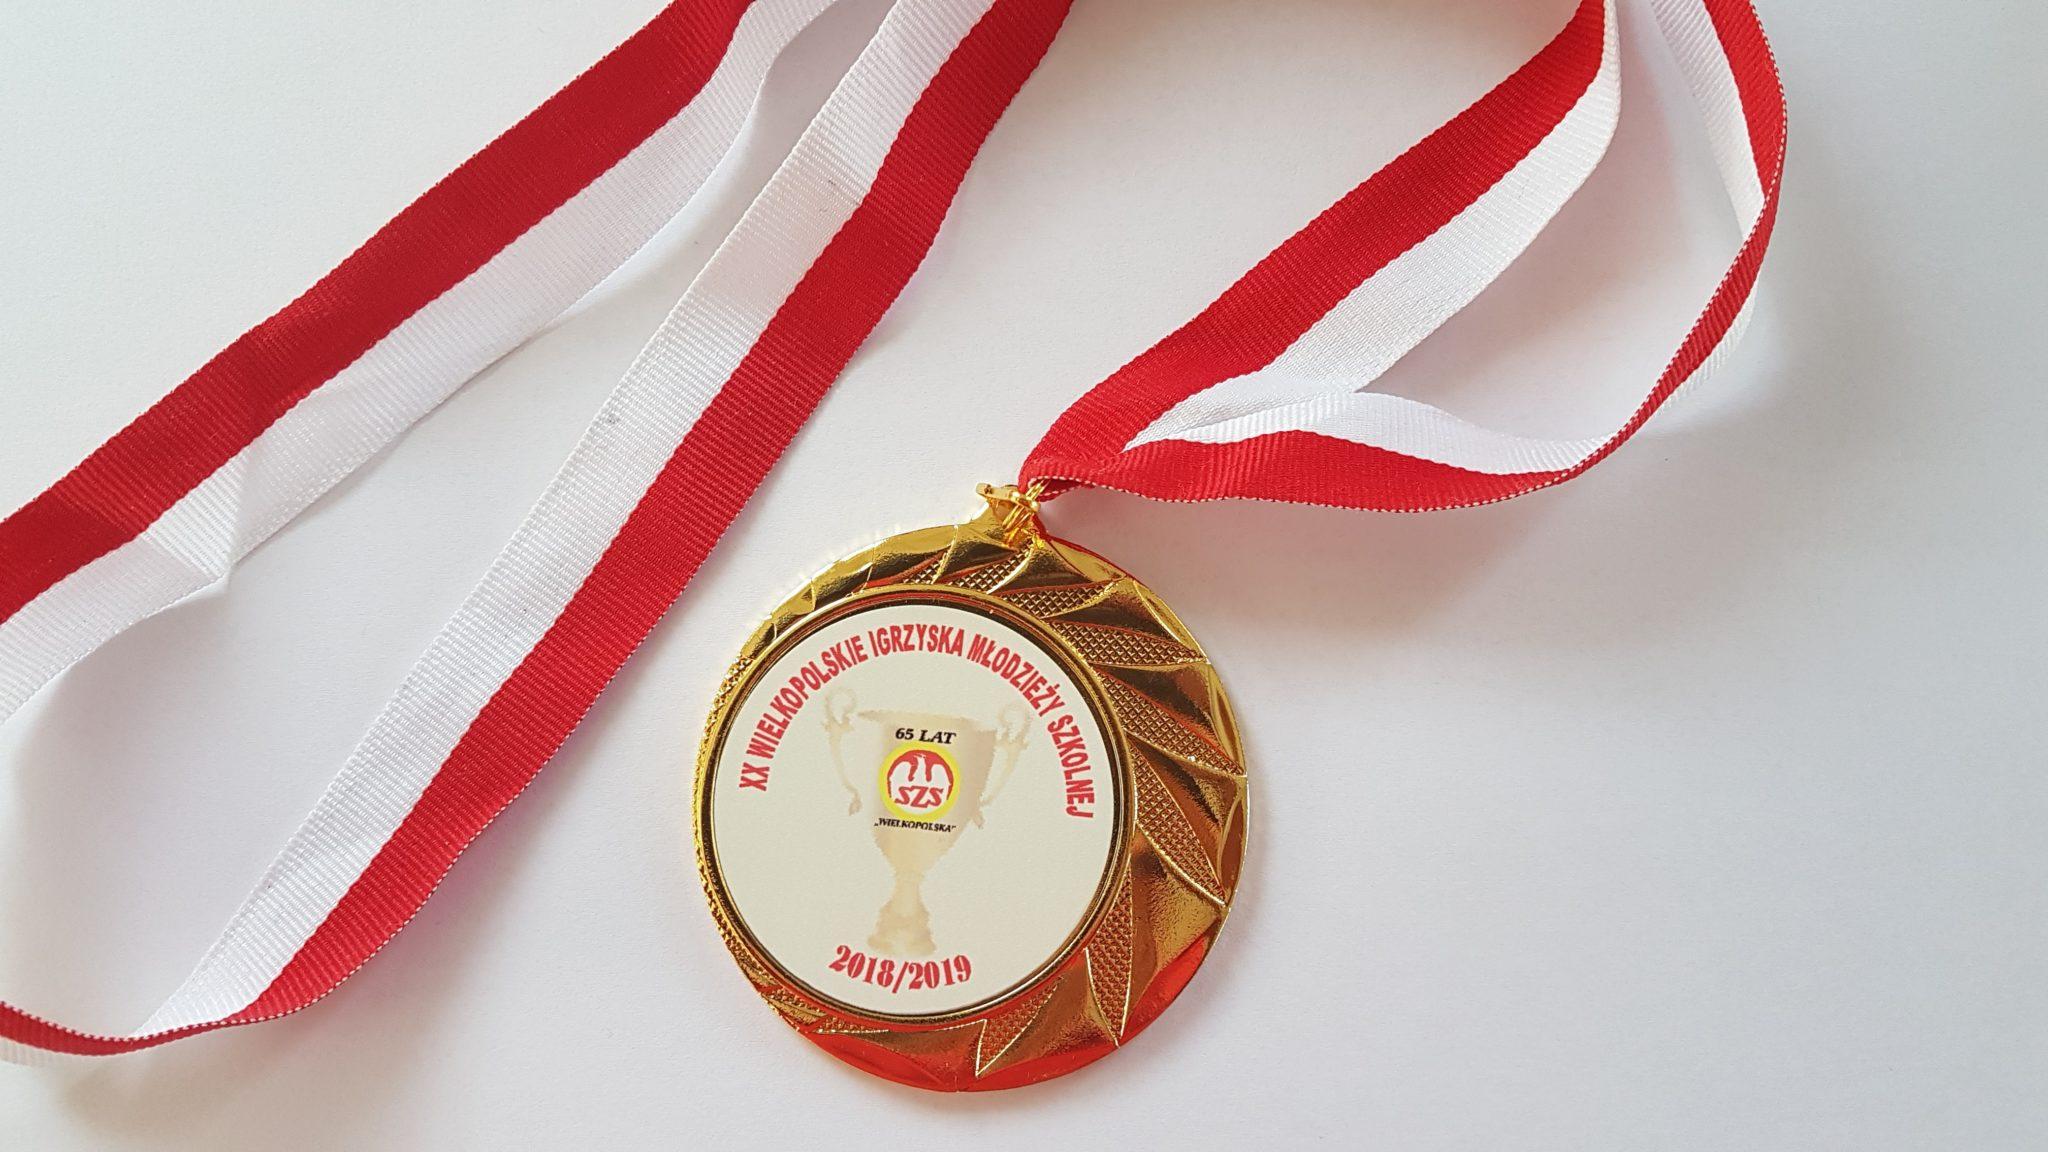 zdjęcie medal Finał Piłka nożna 2019 (3)